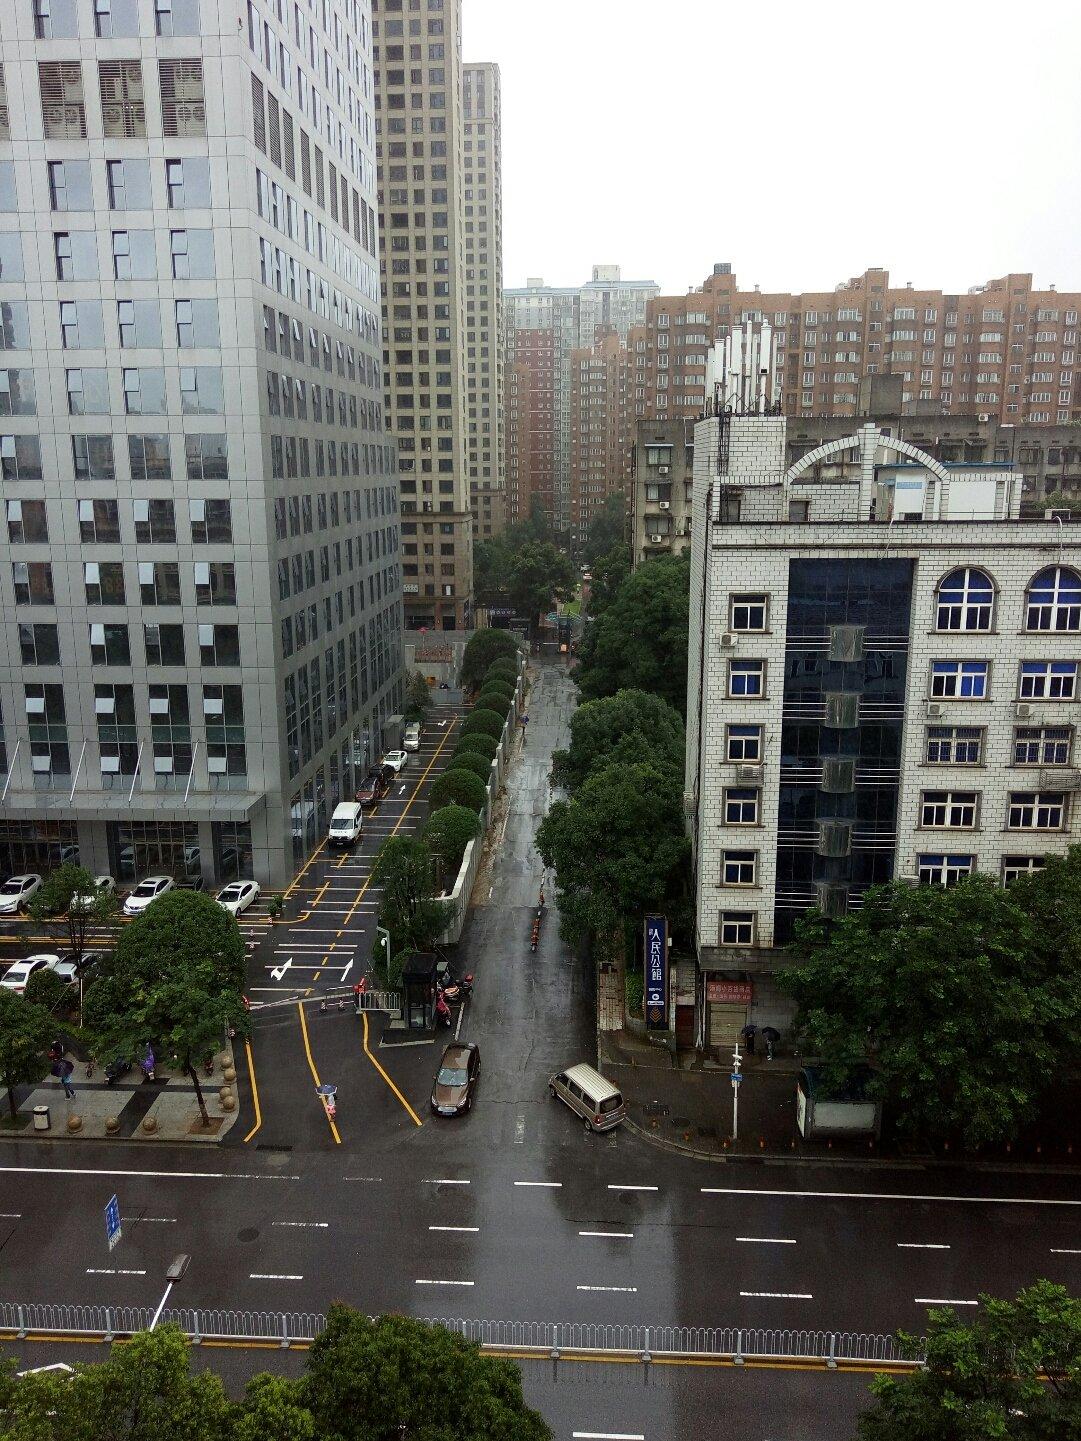 湖南省长沙市雨花区集团中路靠近湖南省建筑工程人民v集团研究院天气平面设计压力图片